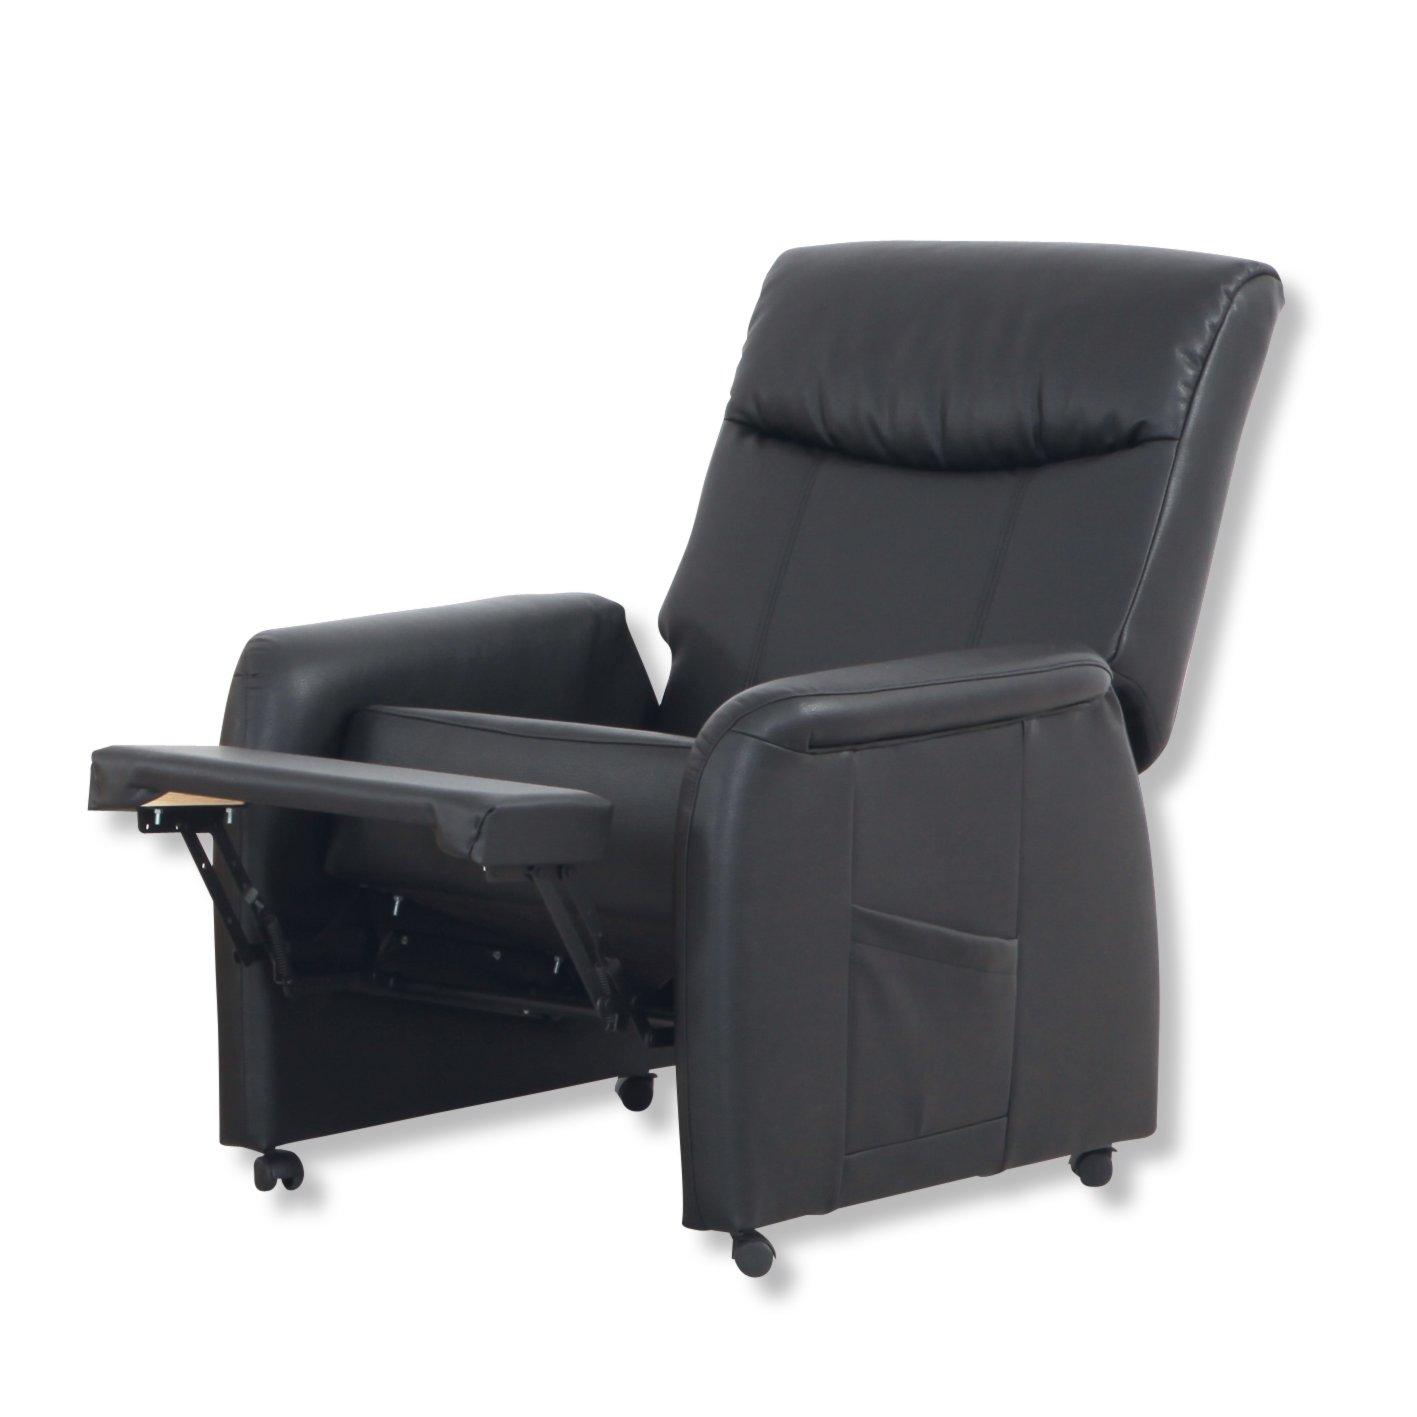 roller tv sessel schwarz kunstleder fu teil verstellbar ebay. Black Bedroom Furniture Sets. Home Design Ideas